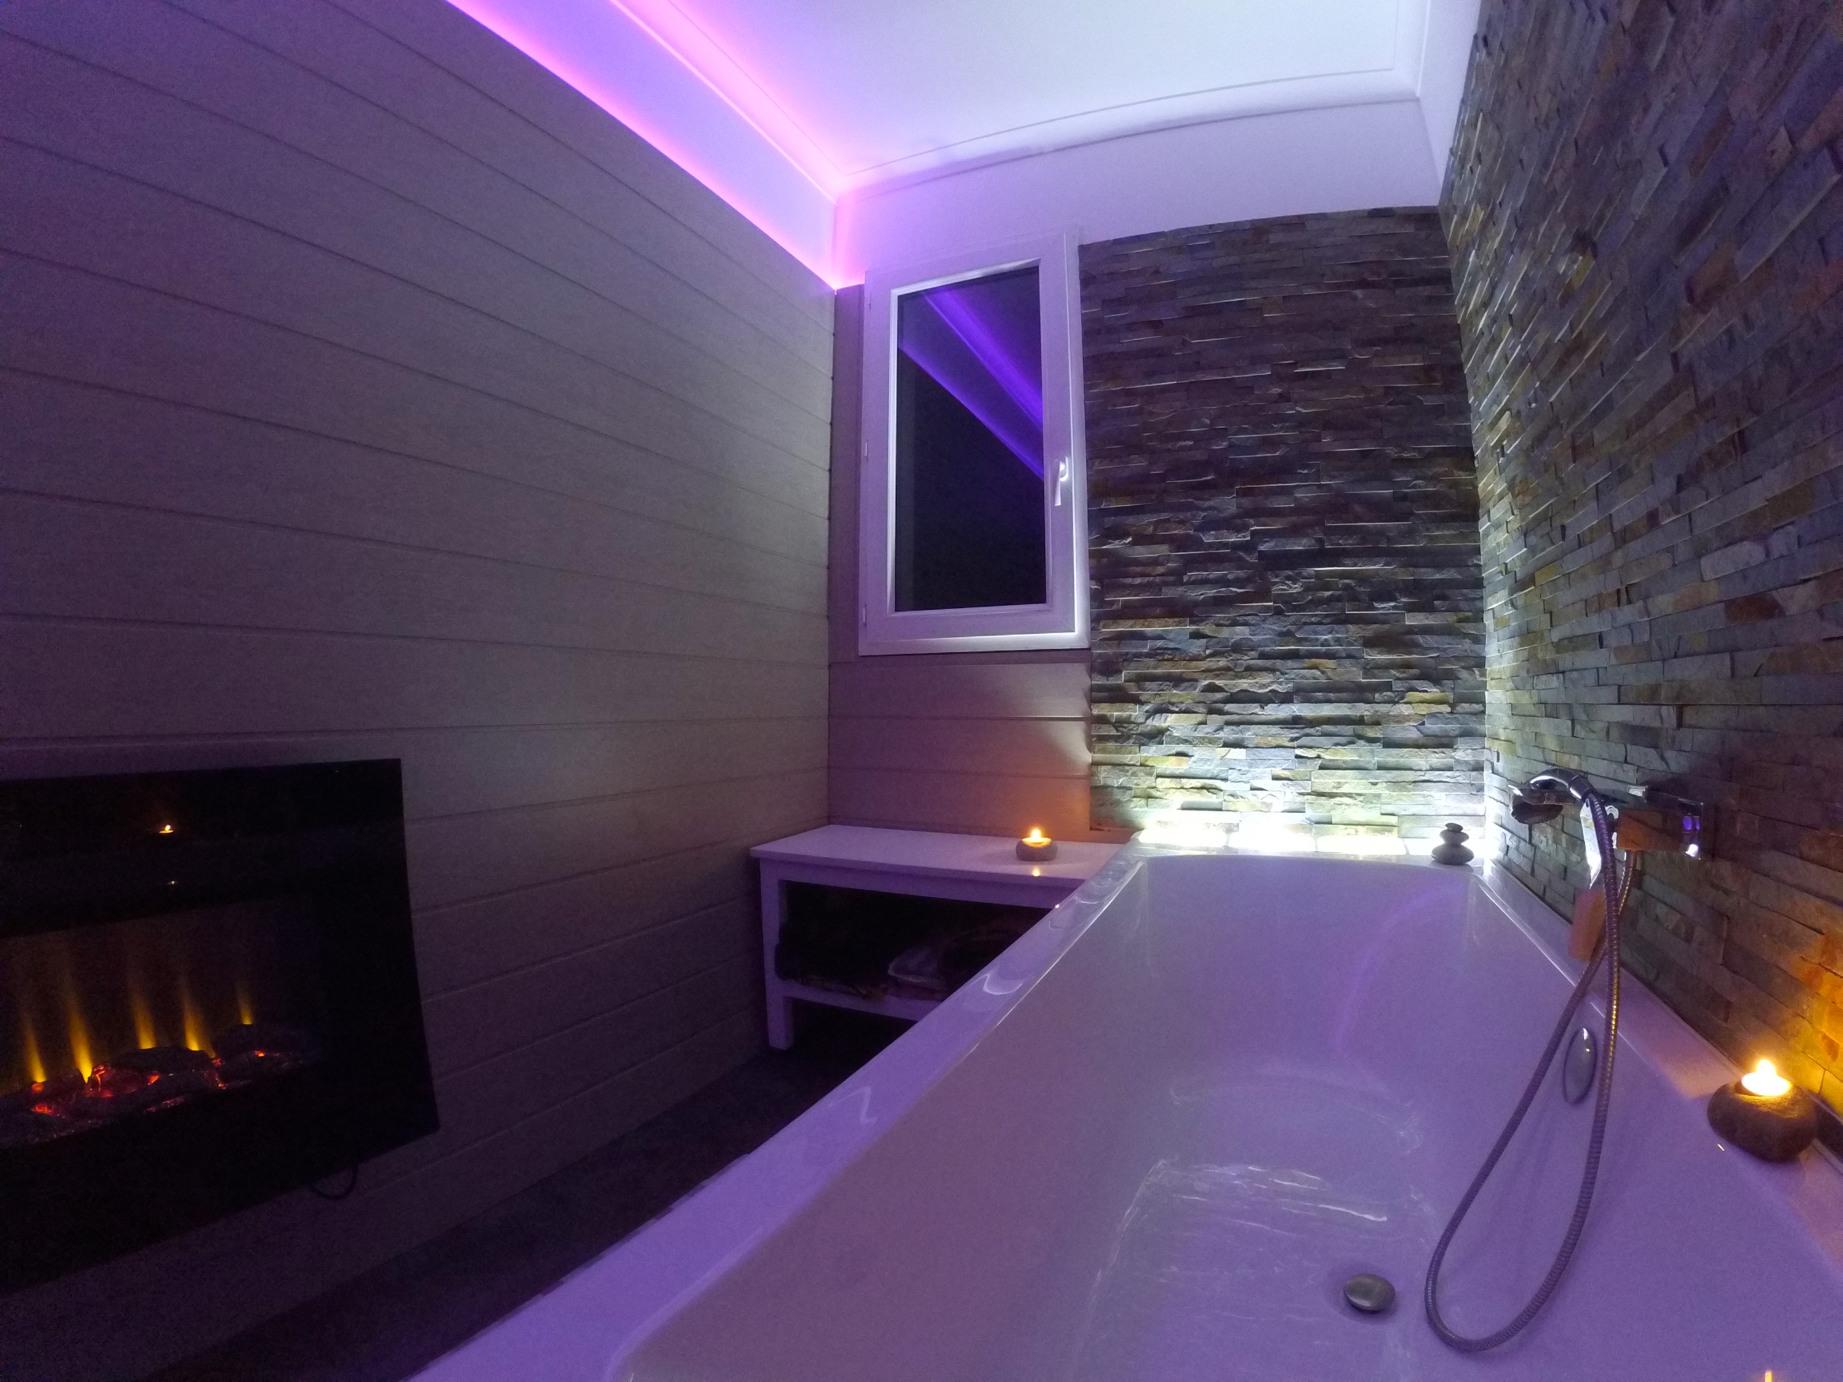 petite salle de bain avec pavs de verre rtro clair pierres de parement tiroirs intgrs dans le tablier de la baignoire caisson technique po - Salle De Bain Avec Pierre De Parement